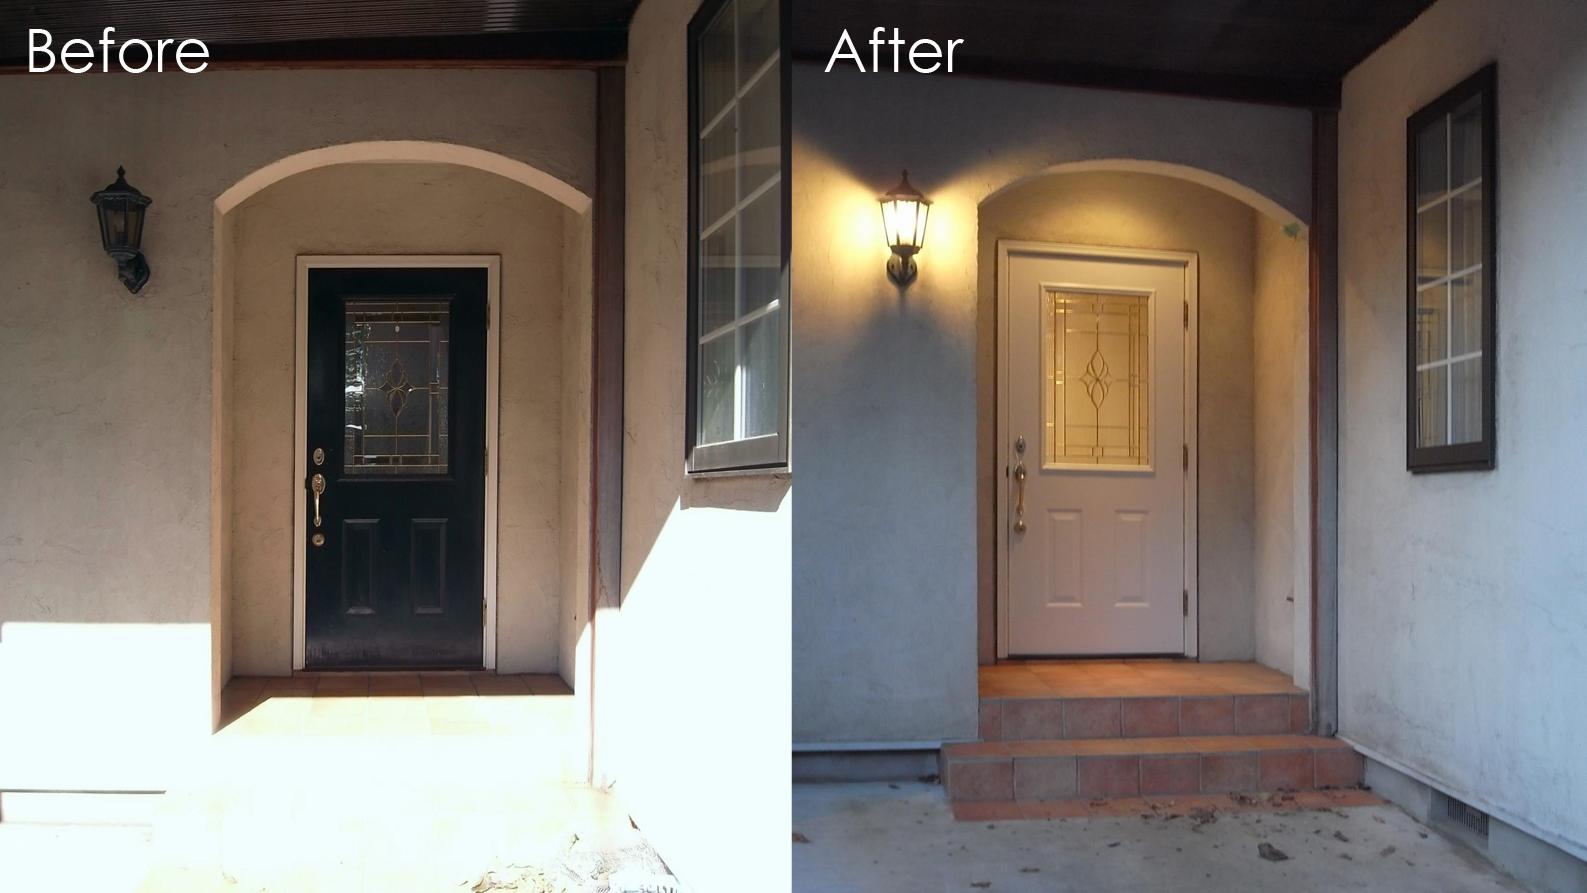 玄関扉をホワイトに塗装して南仏リゾート風に